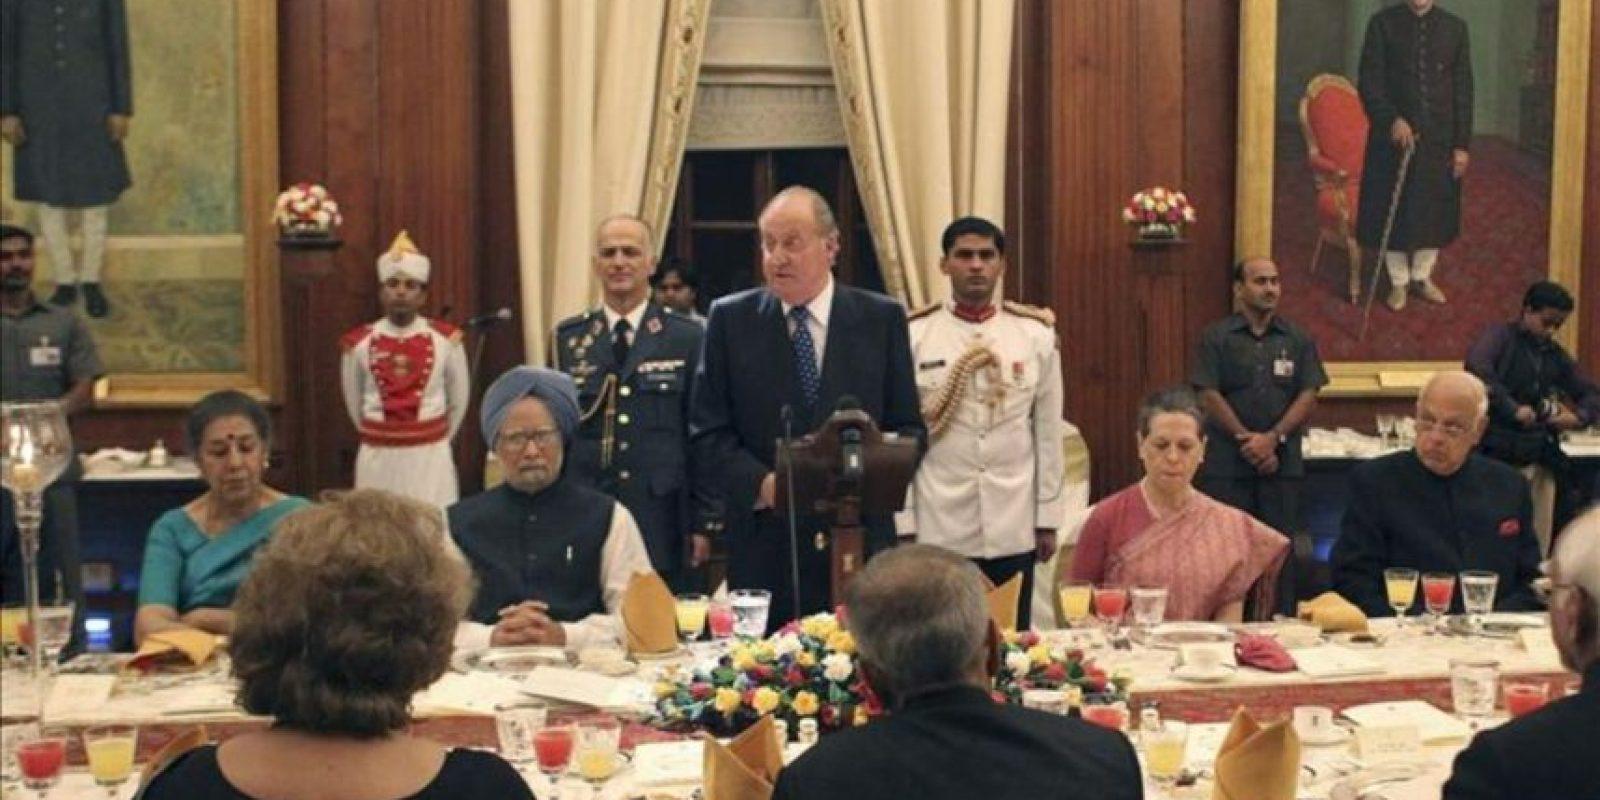 Fotografía facilitada por la Casa del Rey de don Juan Carlos, junto al primer ministro indio, Manmohan Singh (2i), durante el discurso que ha pronunciado en la cena que le ha ofrecido el presidente indio, Pranab Mujerjee, dentro de su visita oficial a la India. EFE